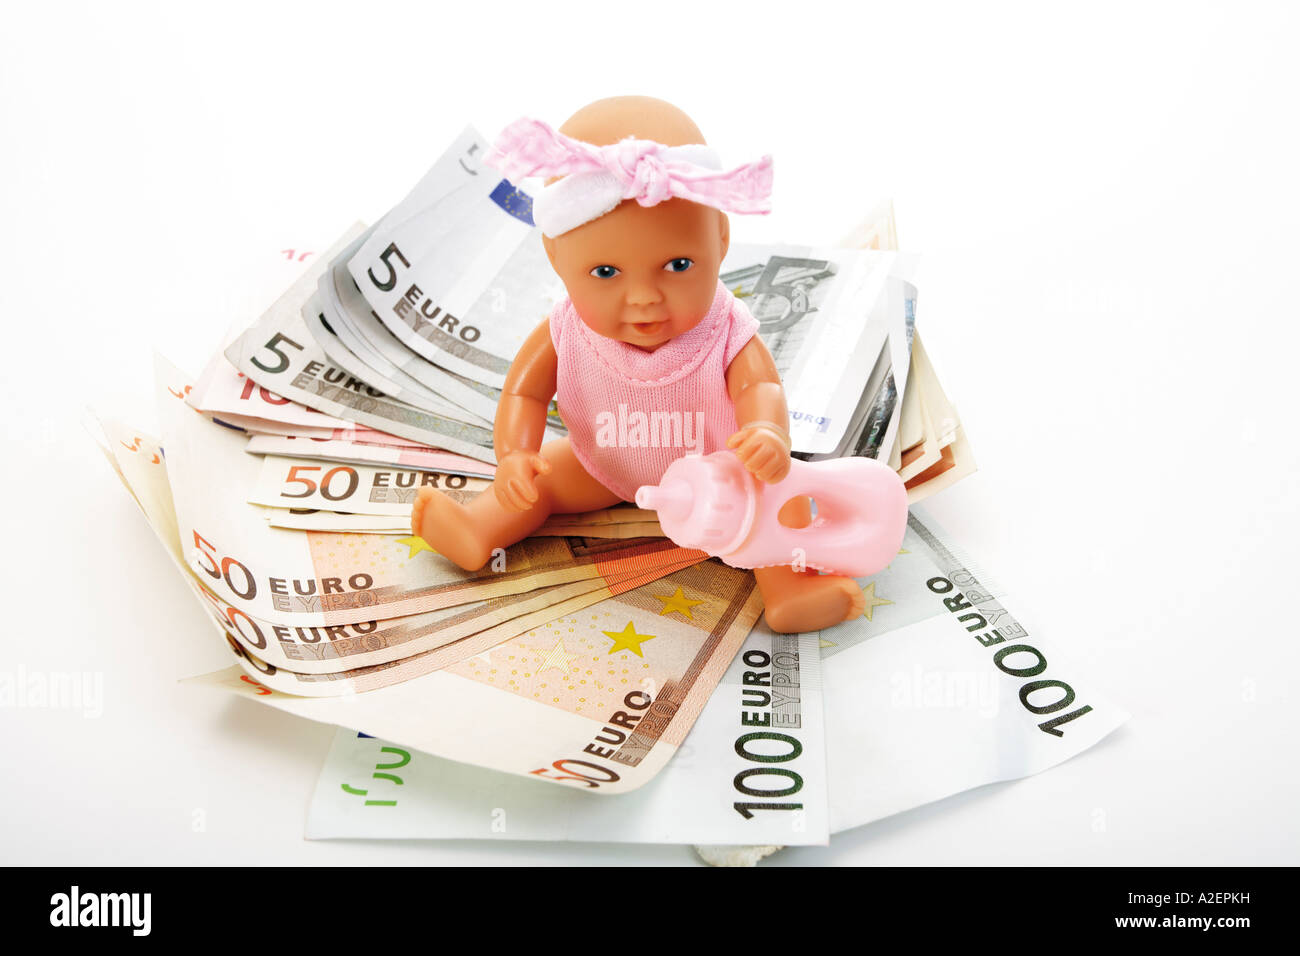 La bambola seduta sulle banconote in euro Immagini Stock